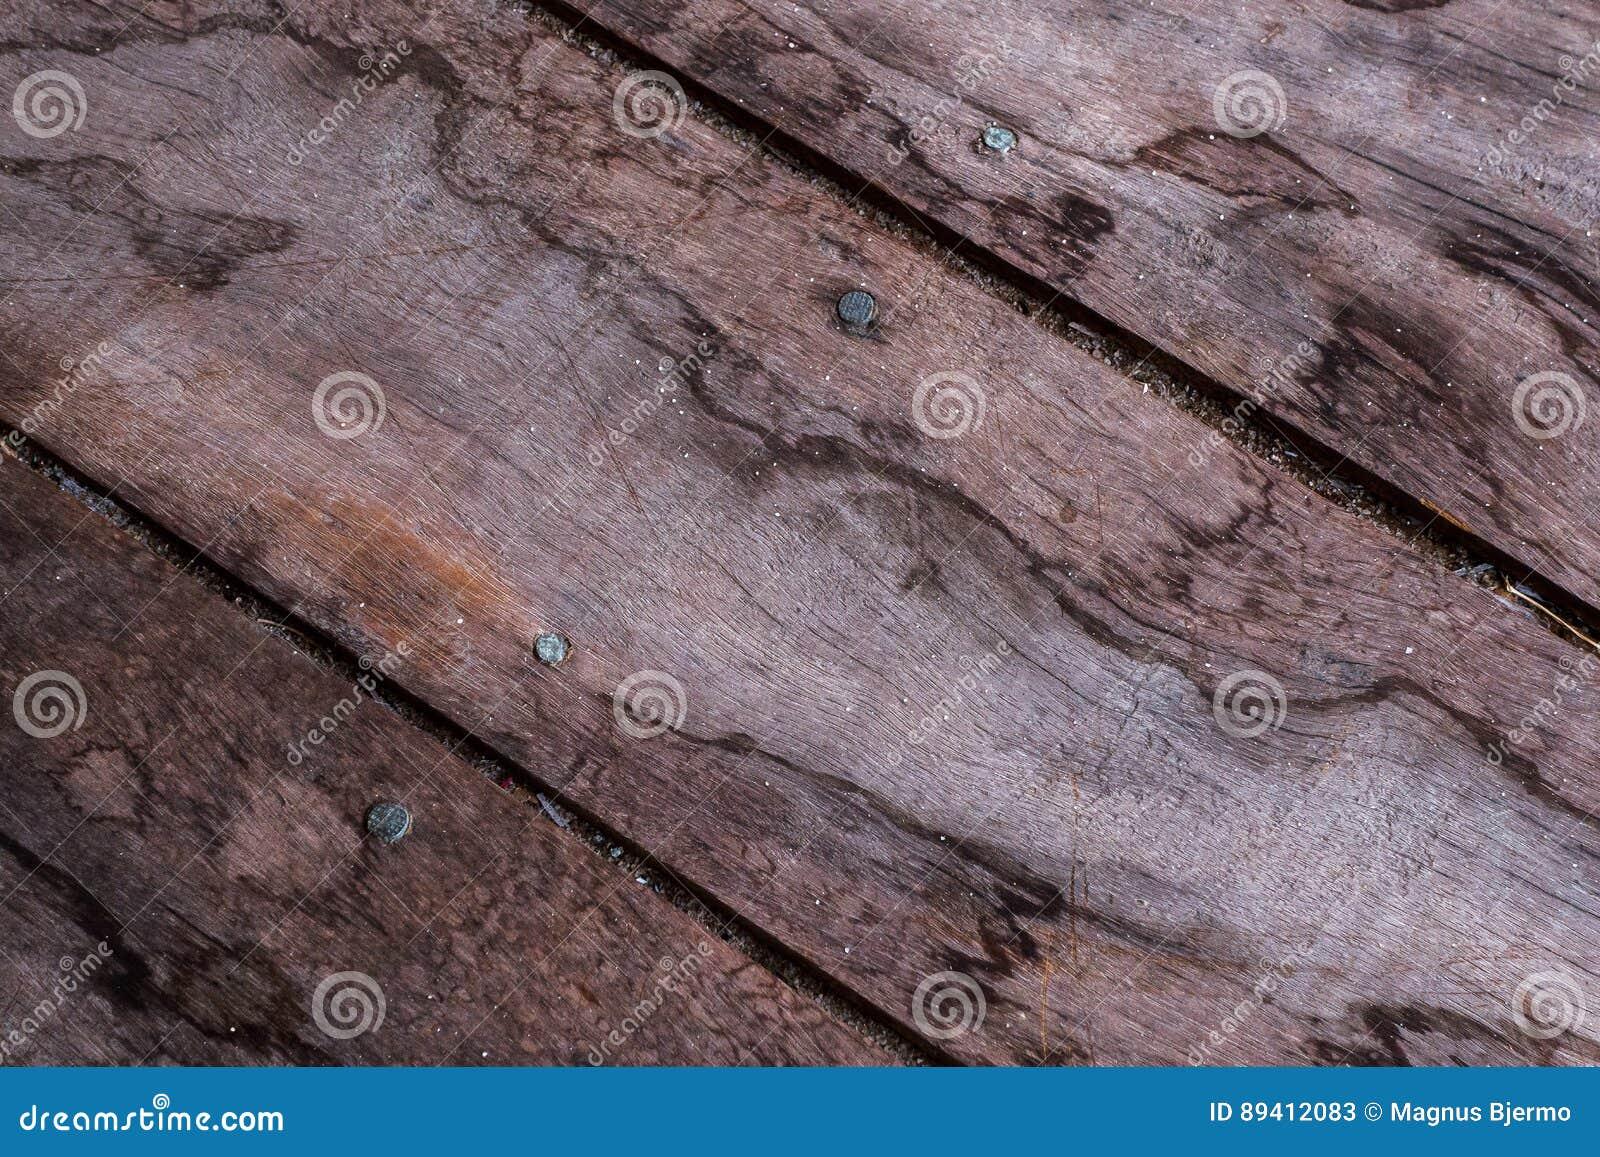 Tábuas corridas de madeira diagonais com grões de areia